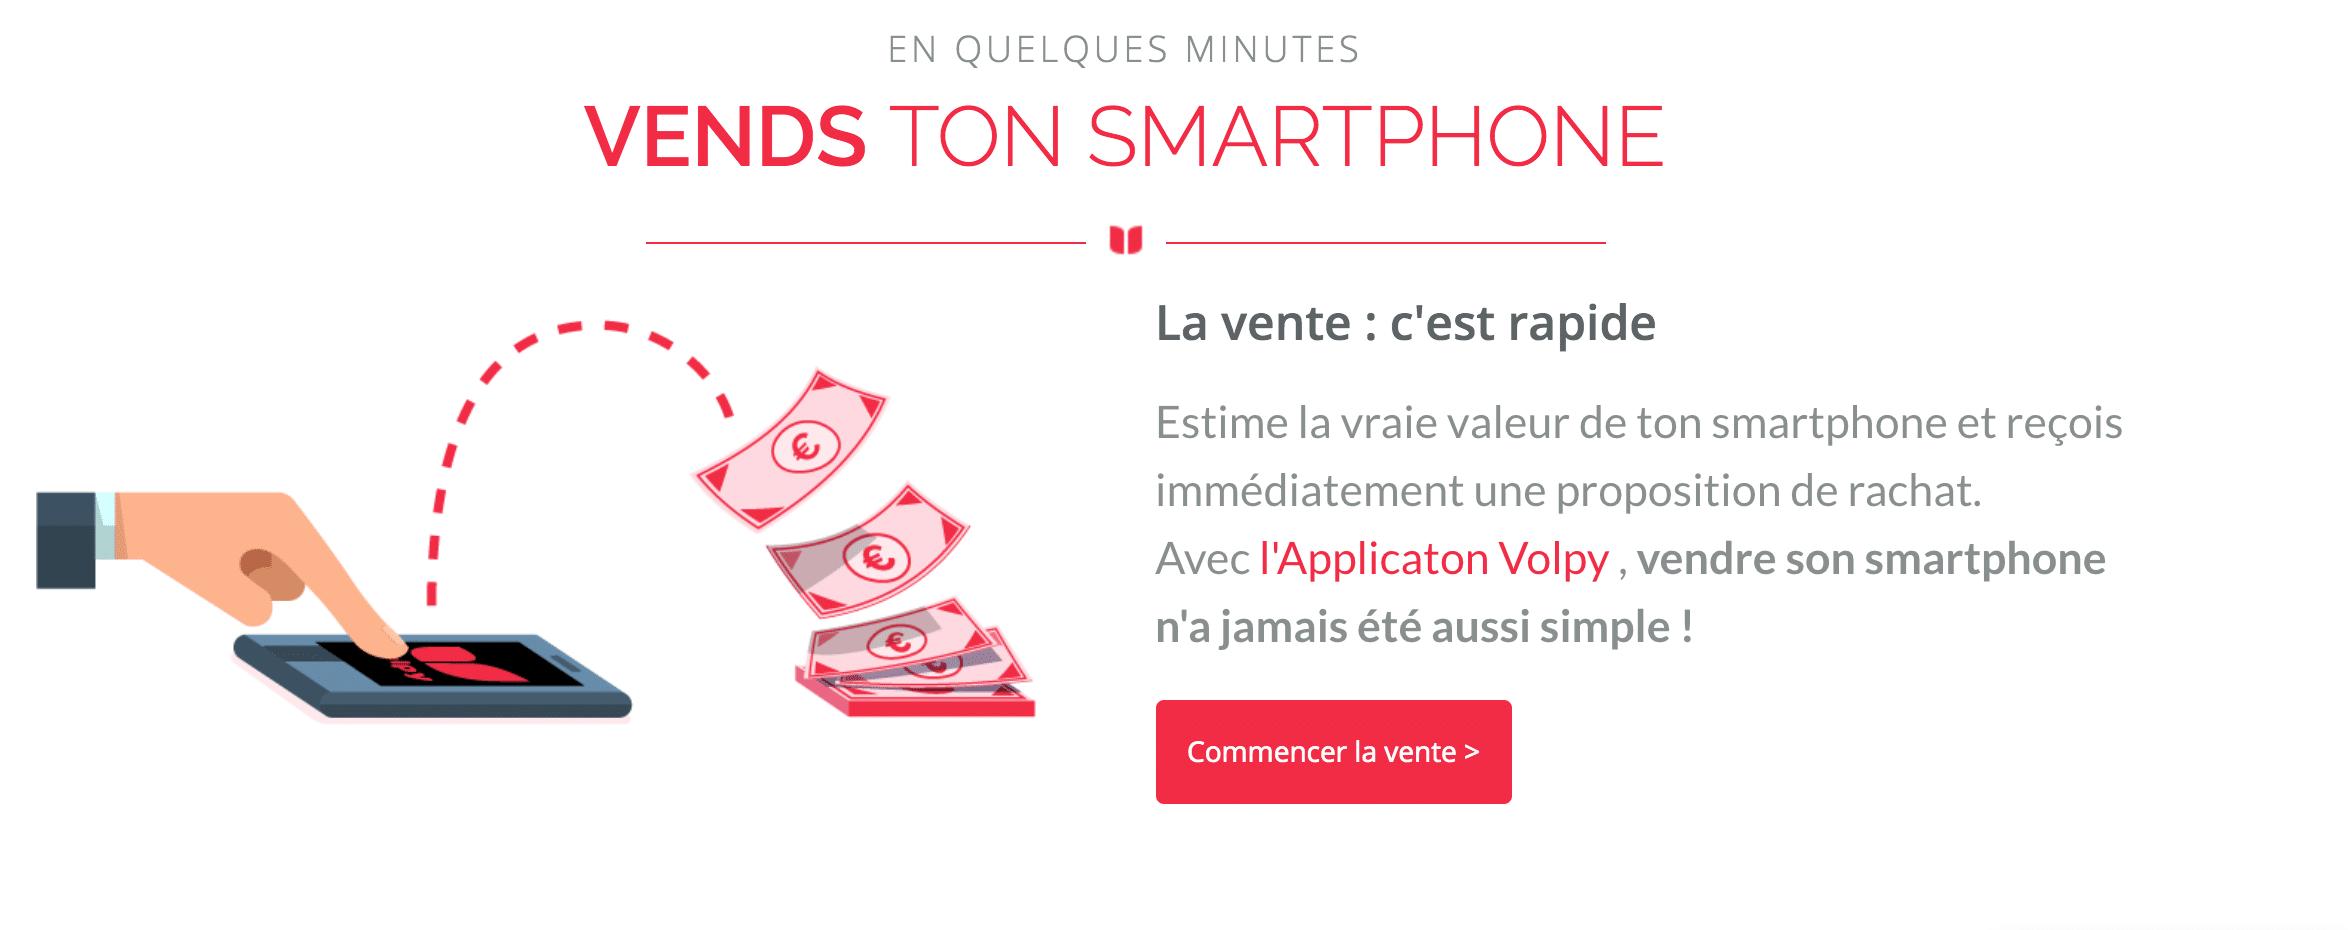 vendre son smartphone avec Volpy